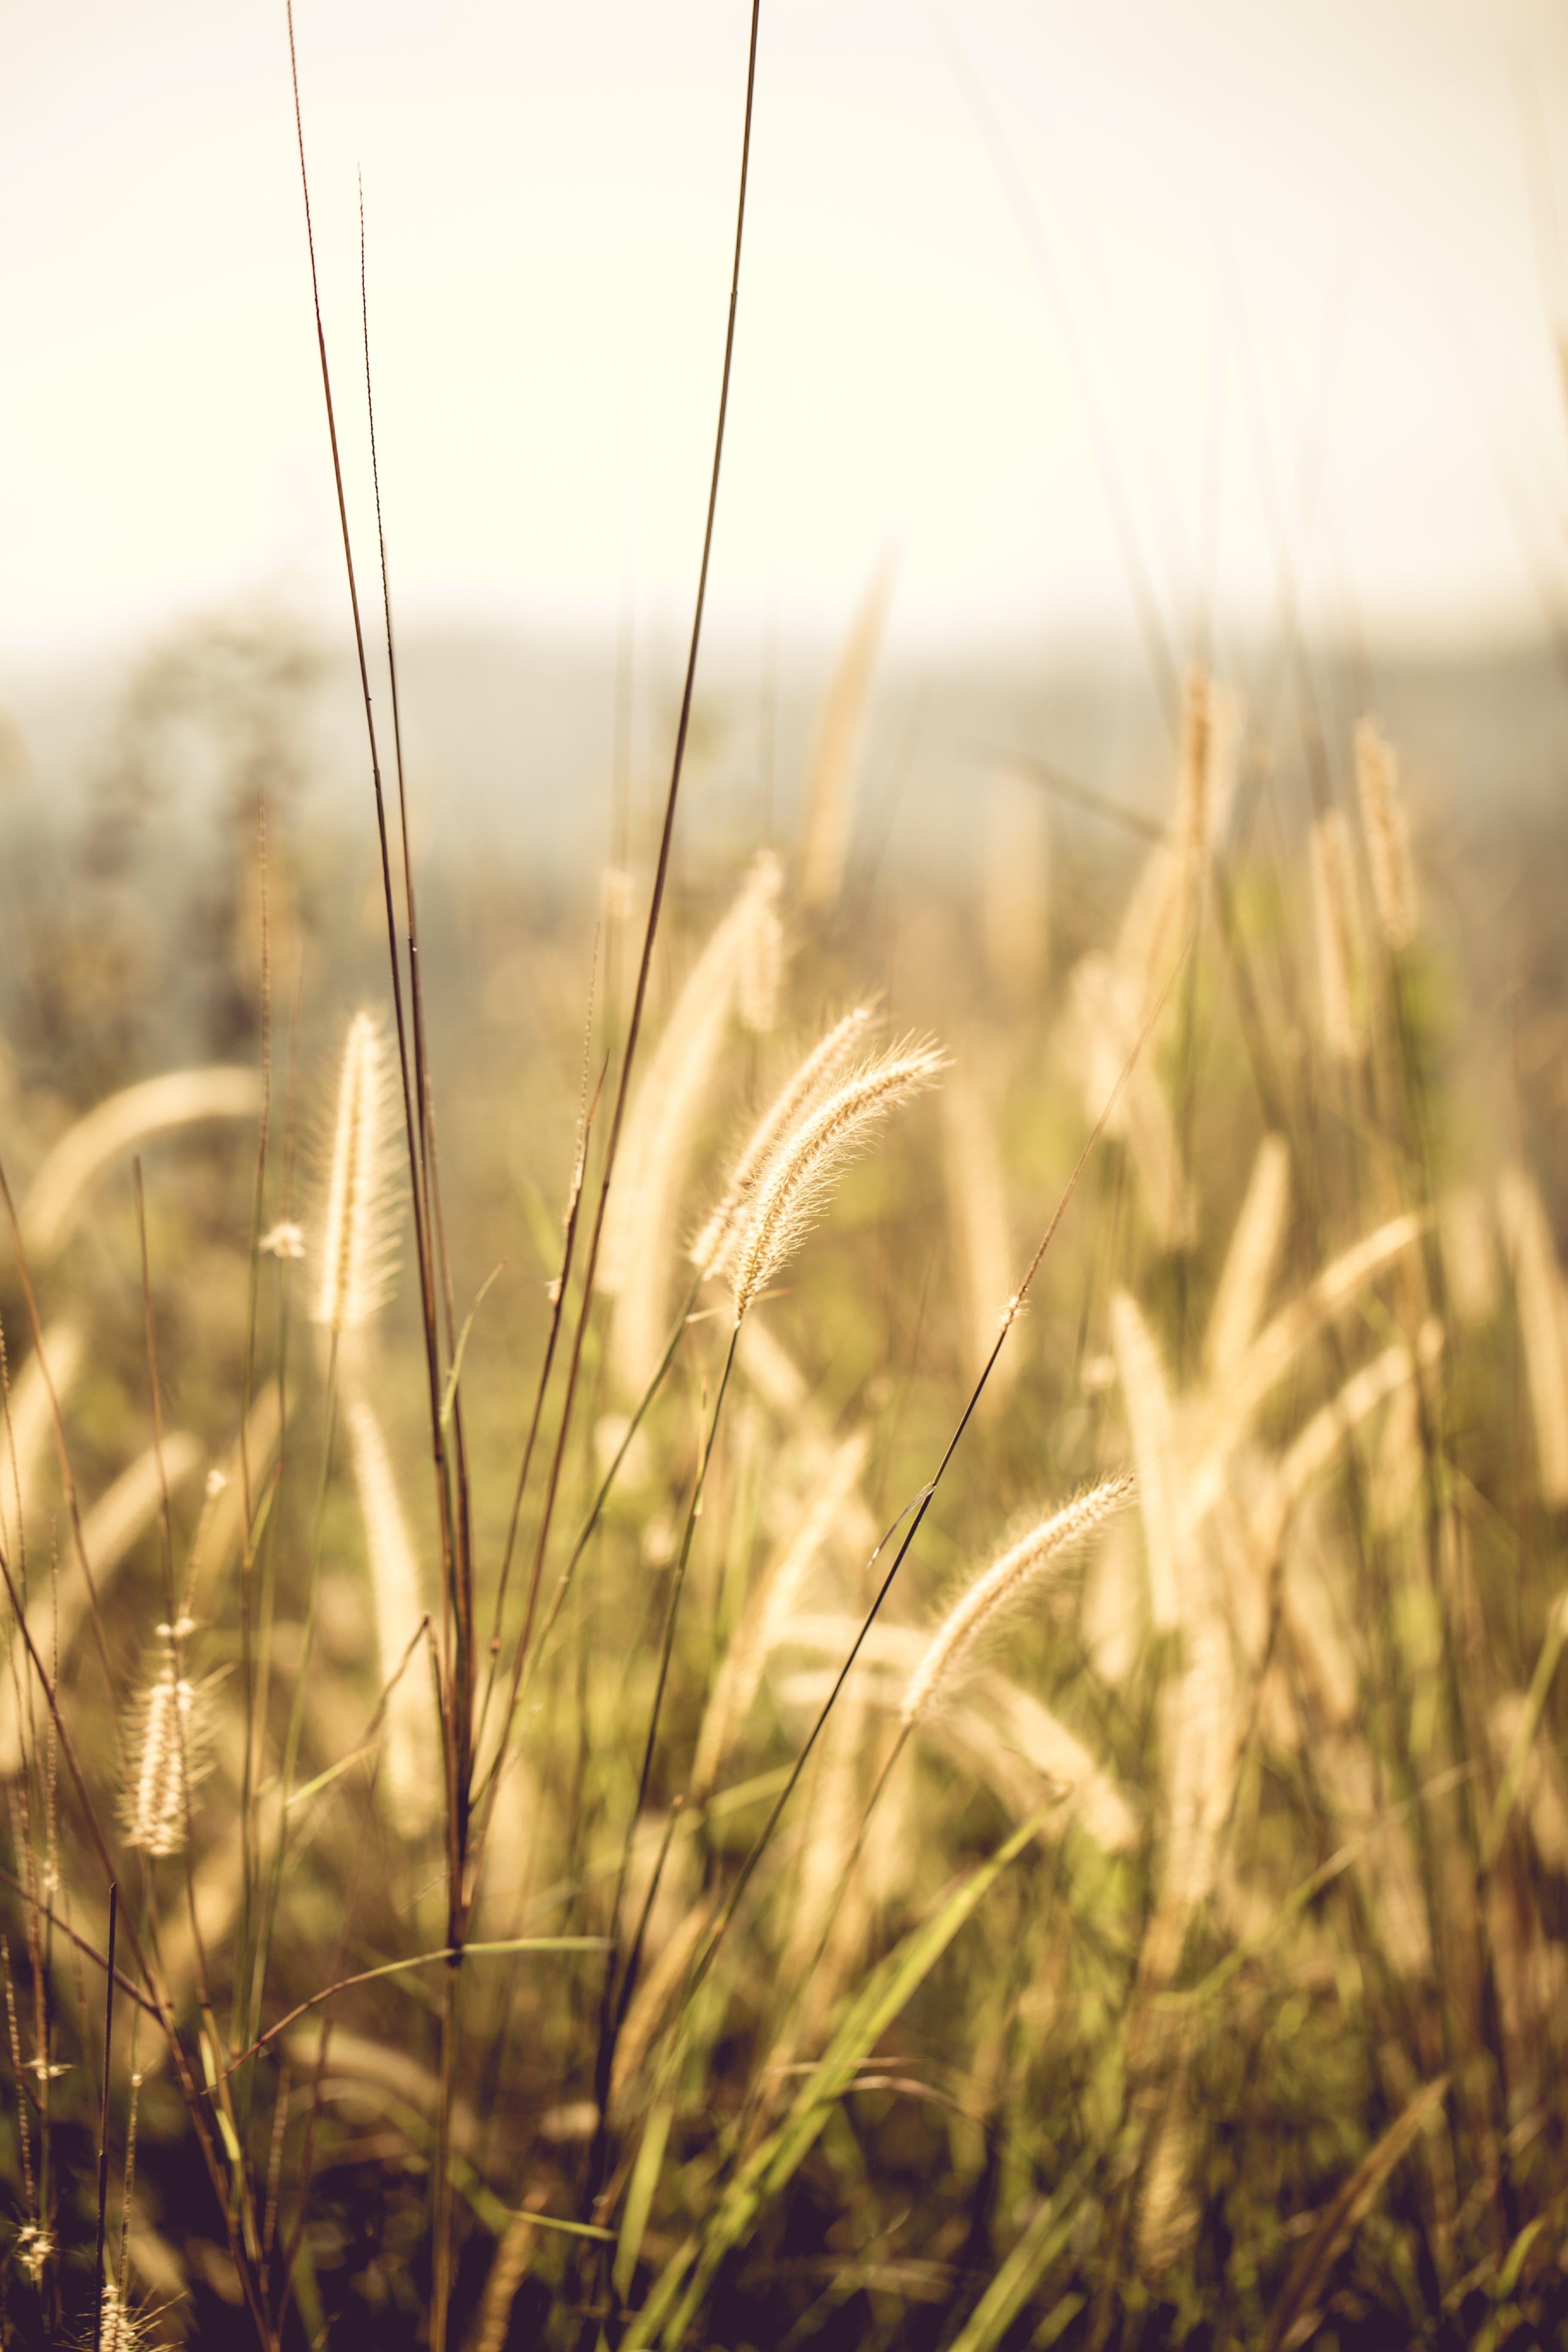 Fotos de stock gratuitas de campo, césped, cielo, crecimiento